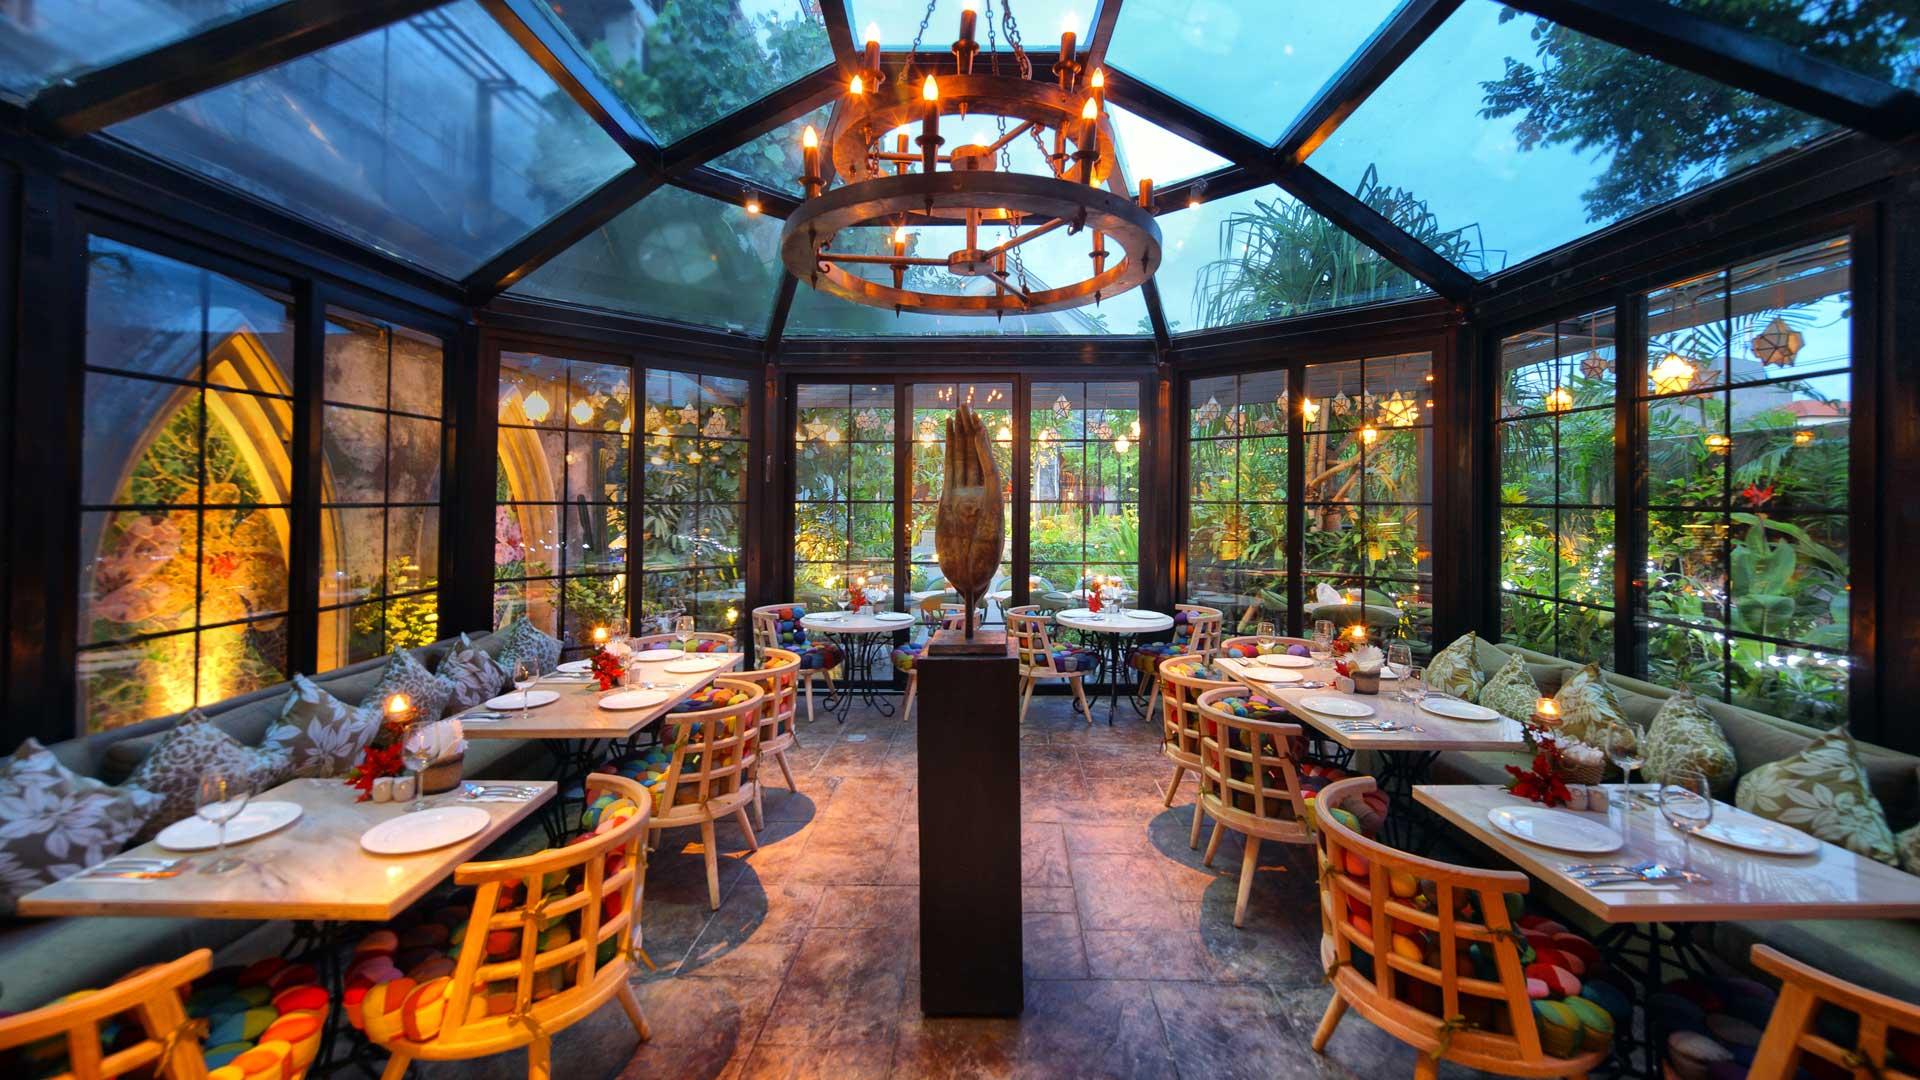 Kafe Gardin Bistro, Tempat Makan Unik dengan Desain ala